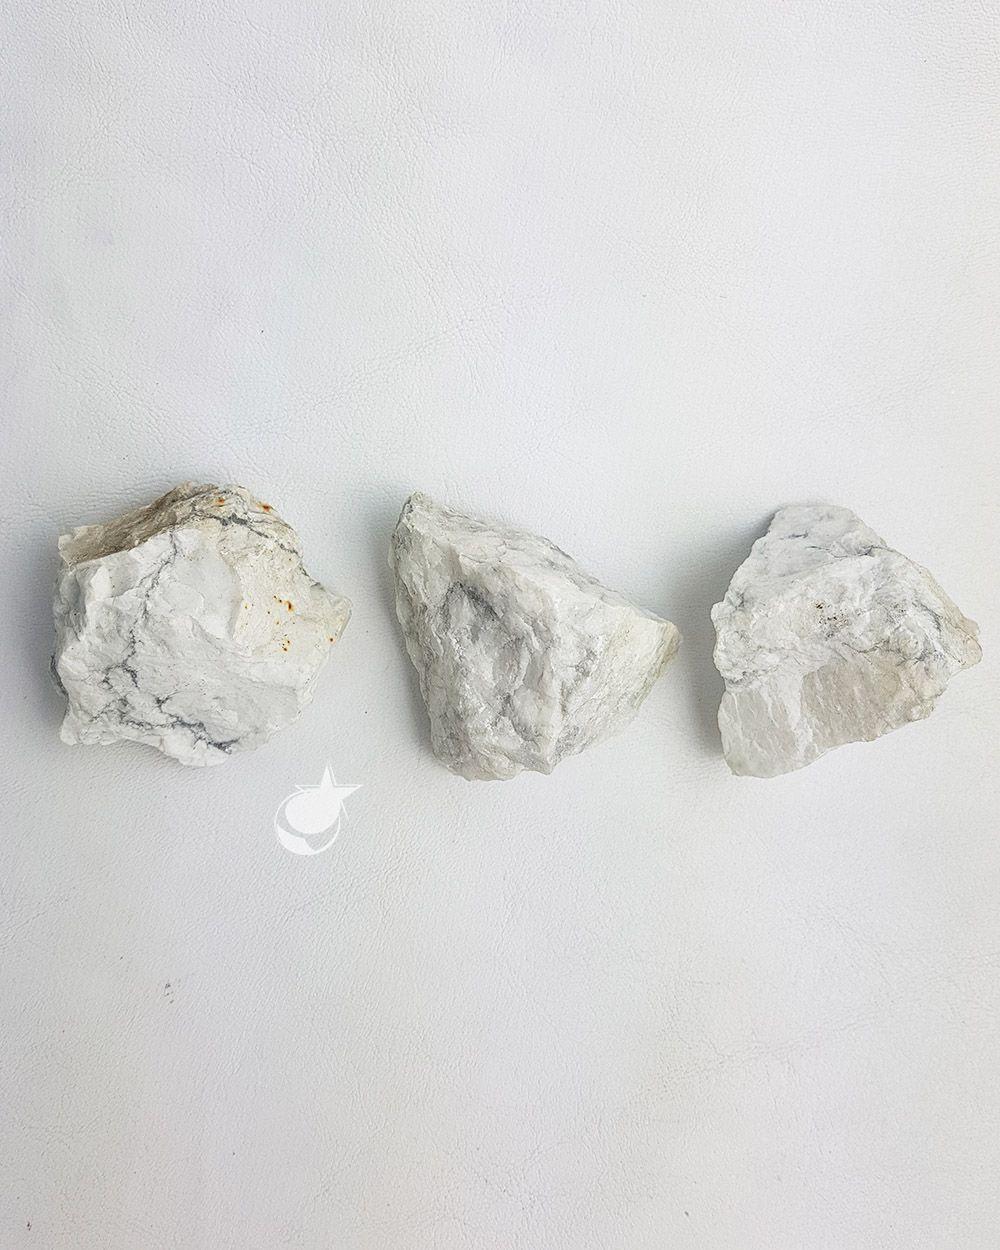 HOWLITA BRUTA - UNIDADE - média entre 6 a 7,8 cm